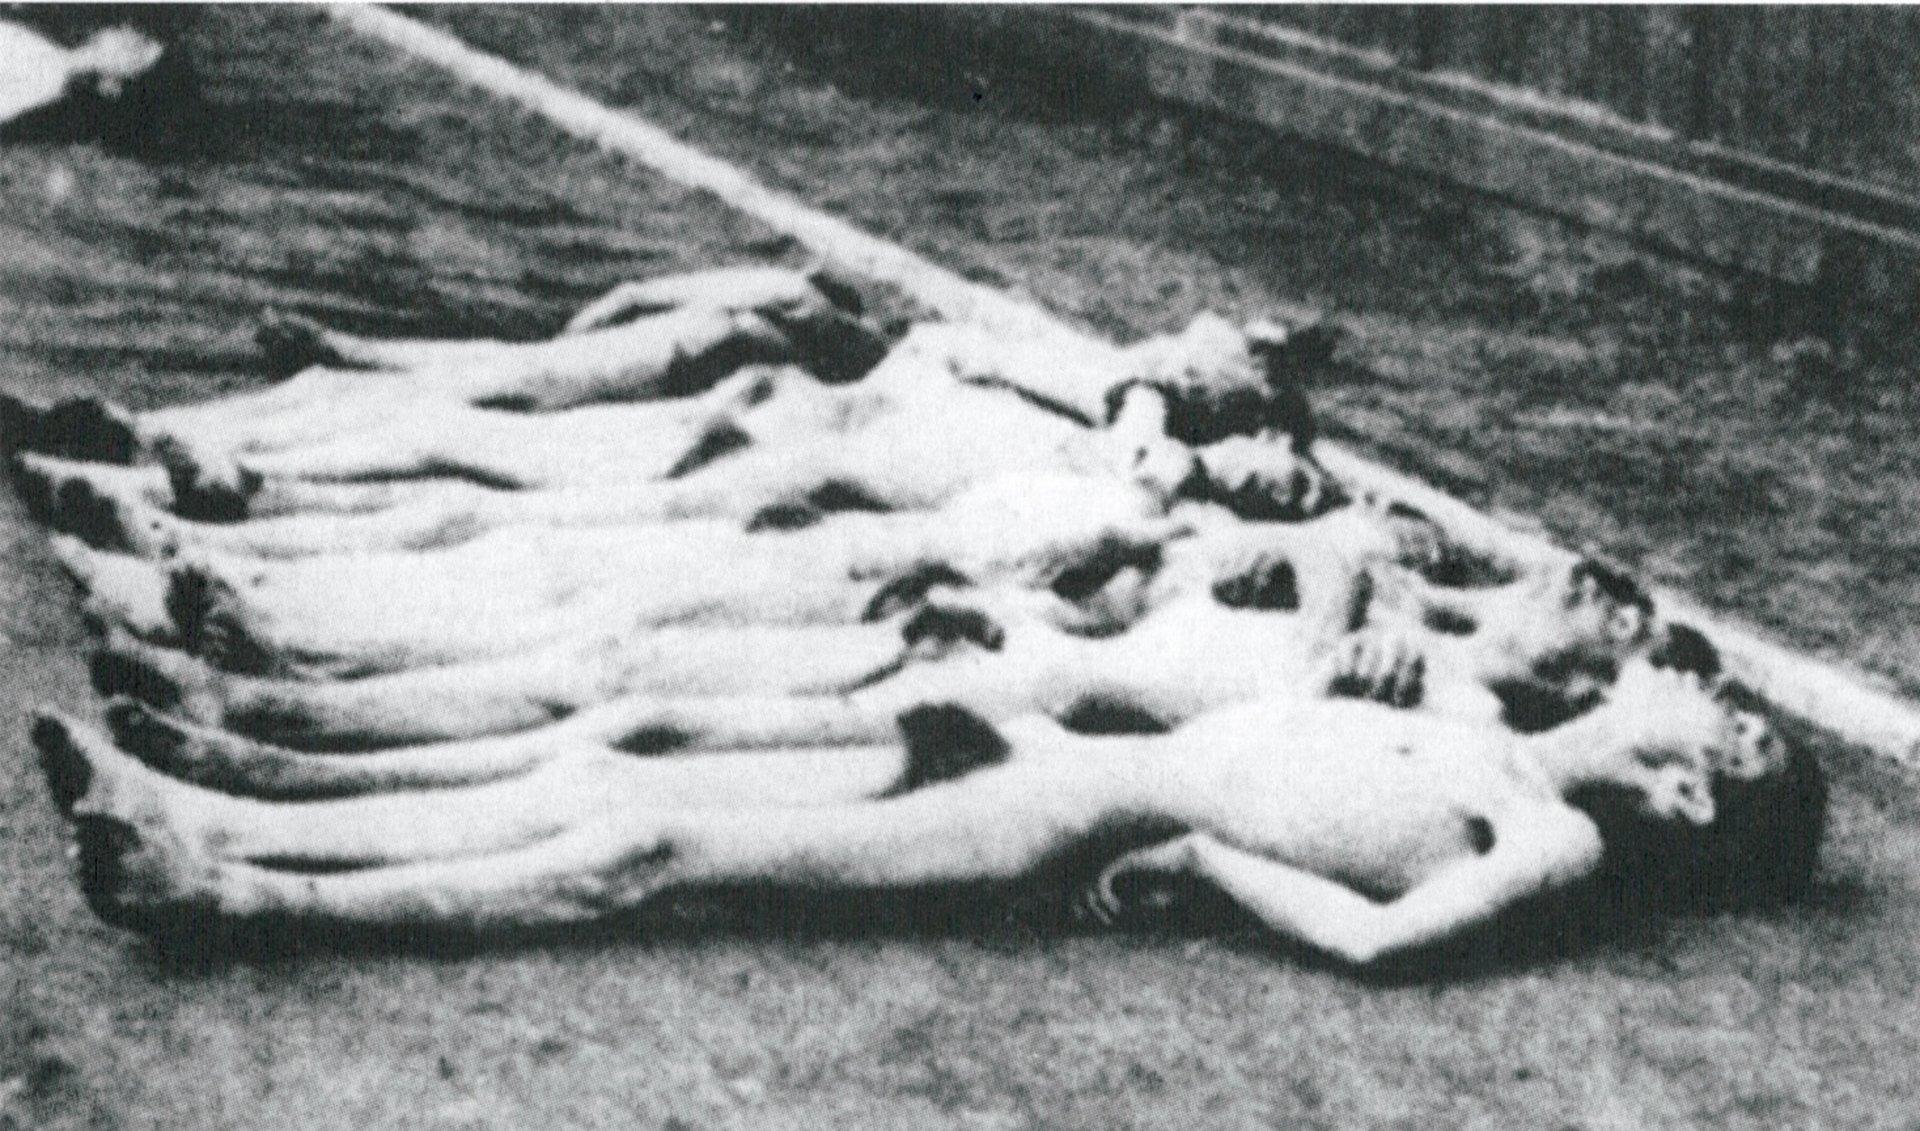 Algunos de los nueve mil prisioneros de guerra soviéticos asesinados en Sachsenhausen en septiembre y octubre de 1941. La imagen fue tomada de modo encubierto por un recluso.